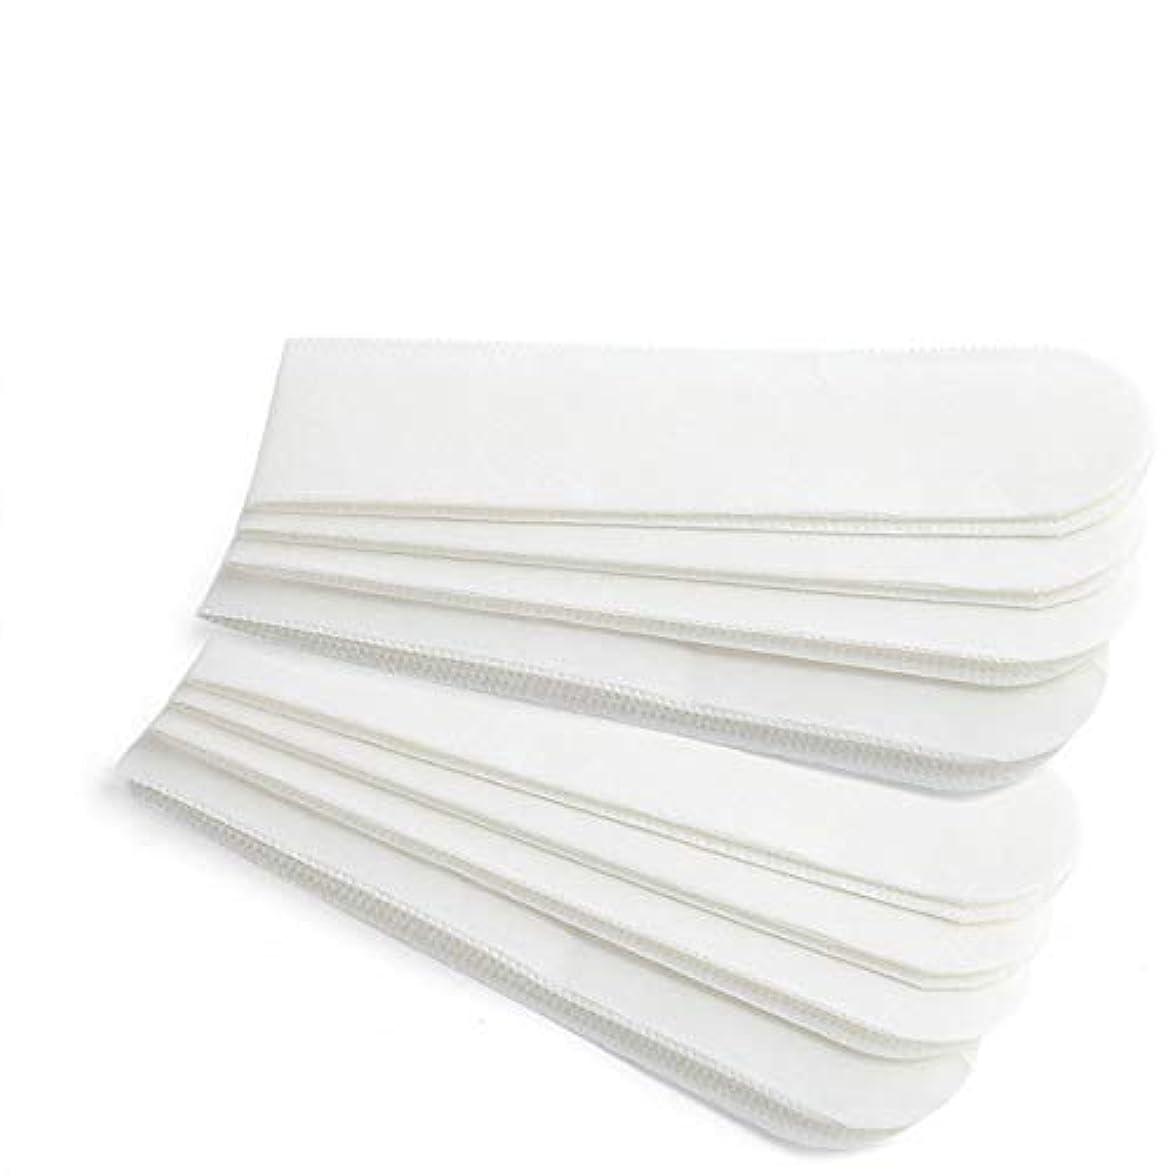 超えてオーブン入口HUANBO 襟汗 パッド 染みない バレない 気にならない 簡単 えり汗 対策 テープ型 12枚入り